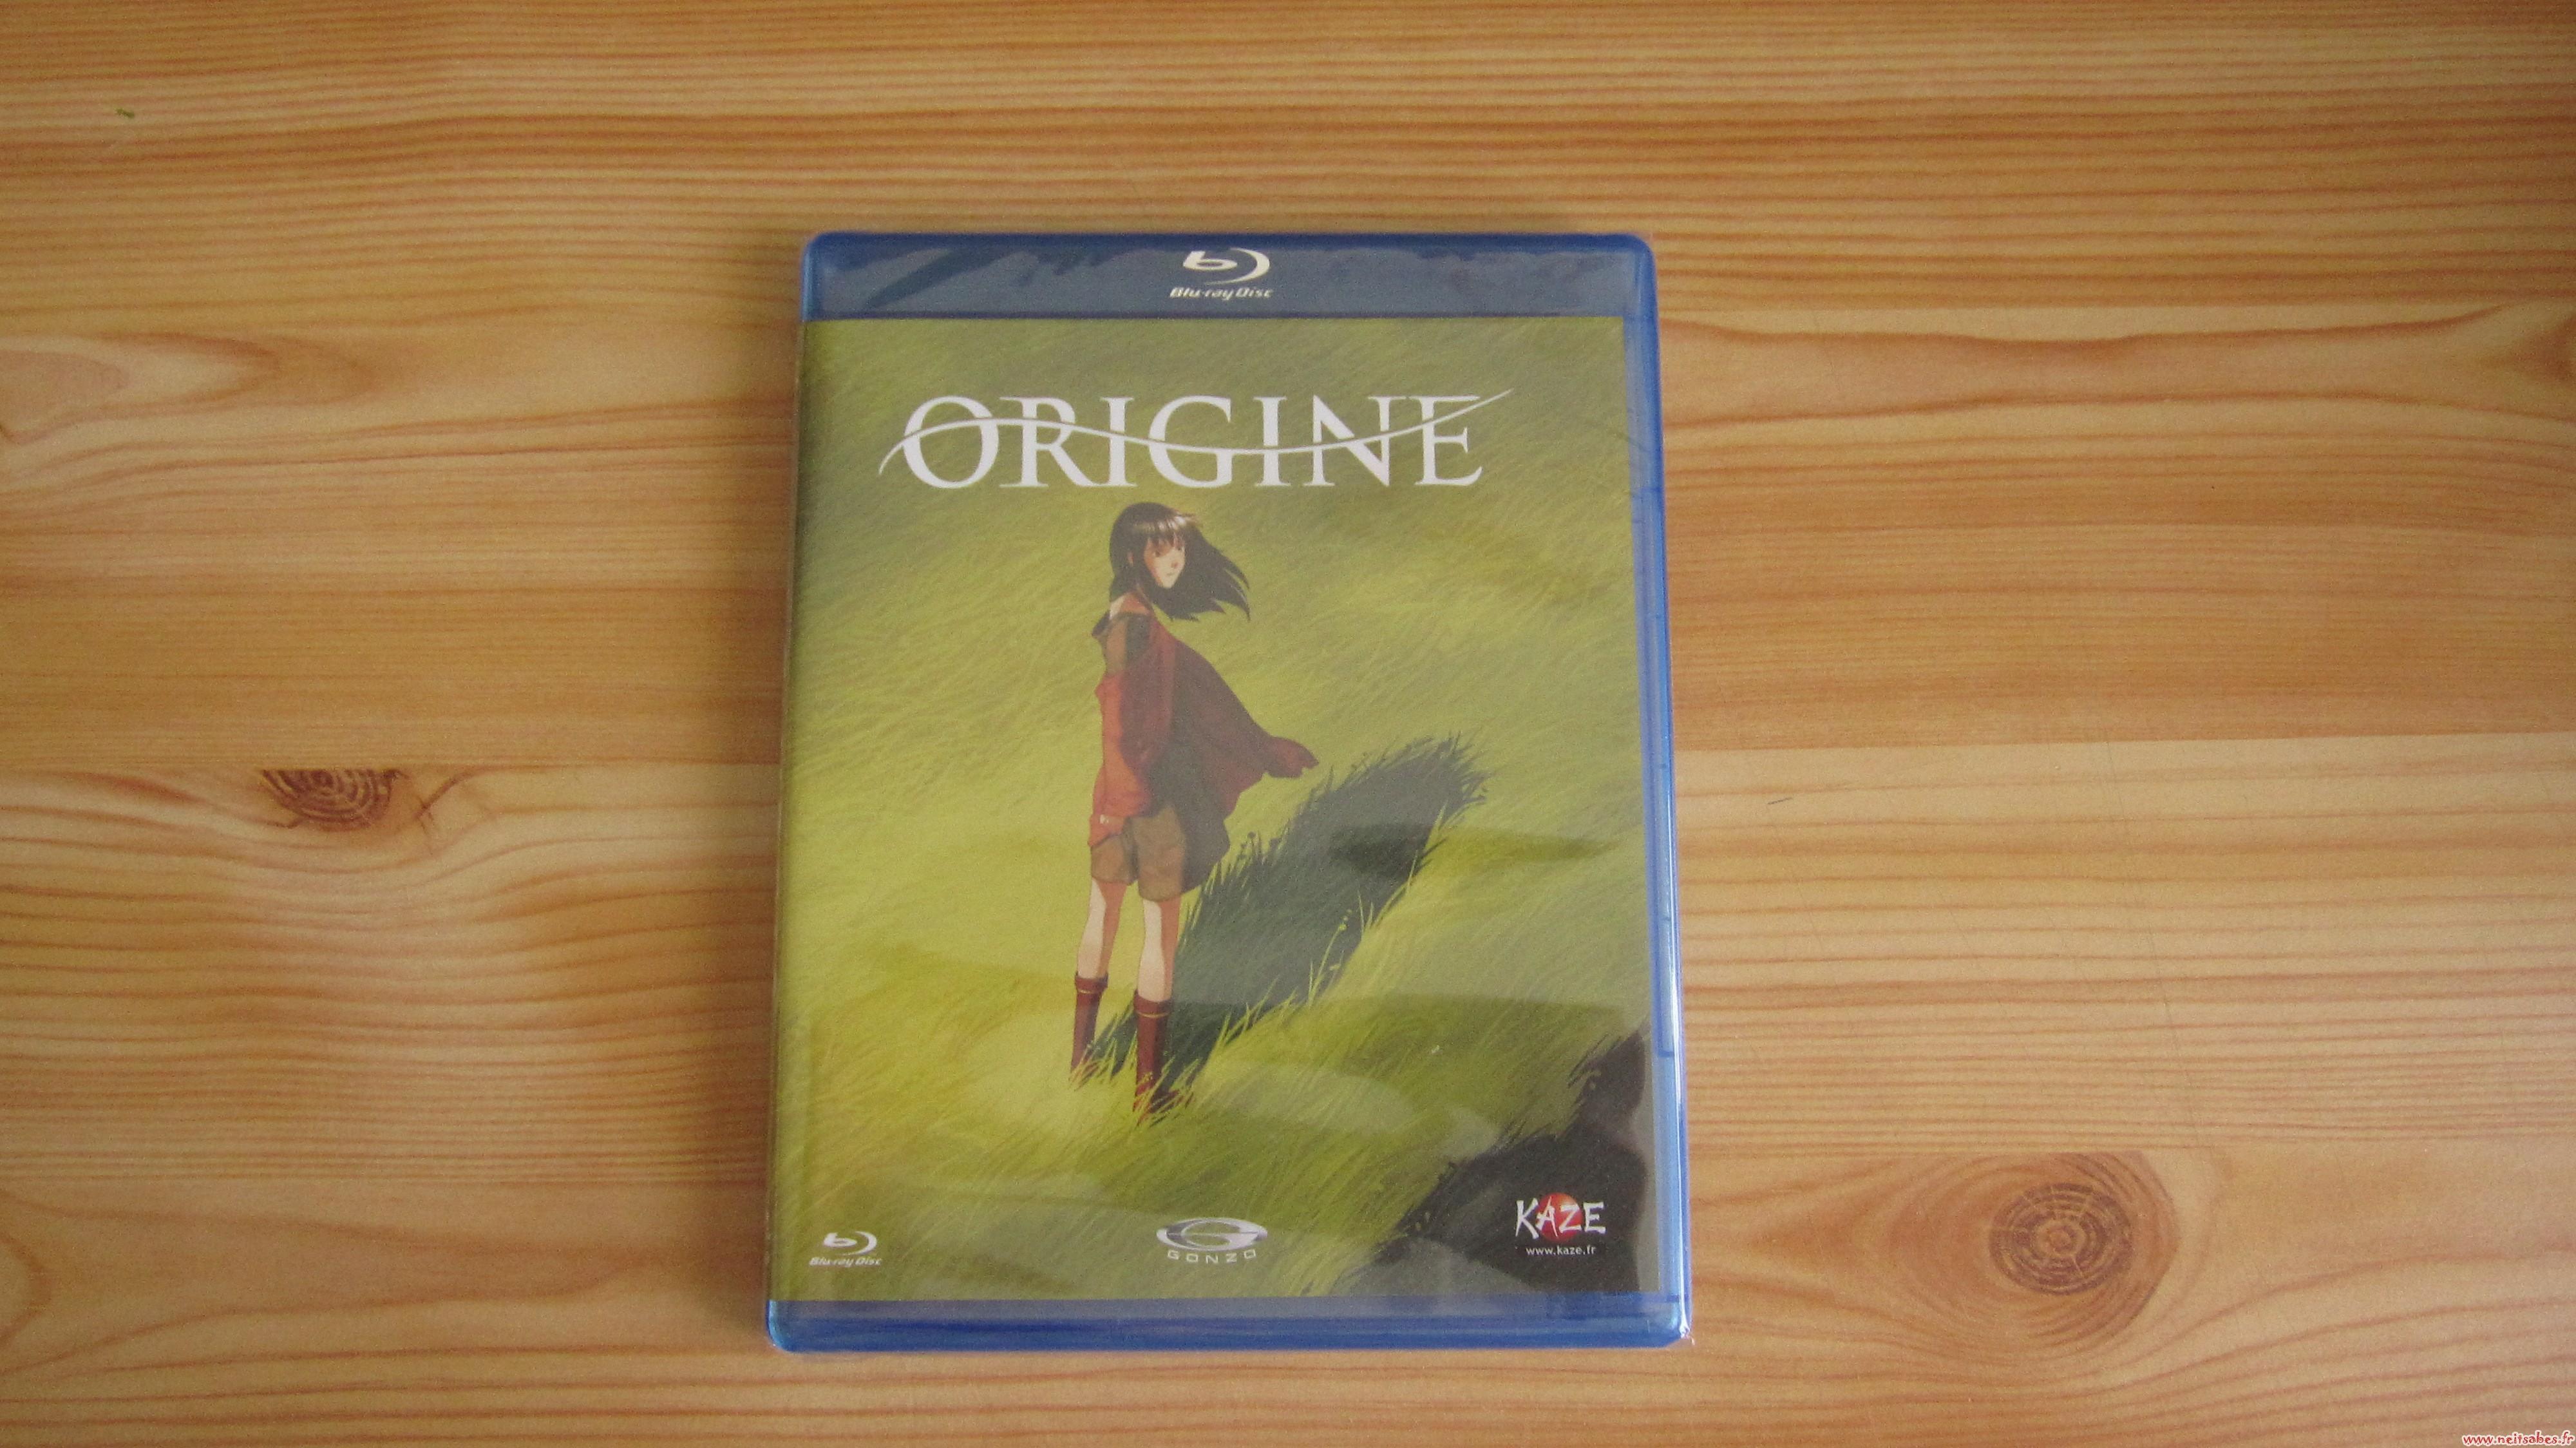 C'est arrivé ! - Origine (Blu-ray)